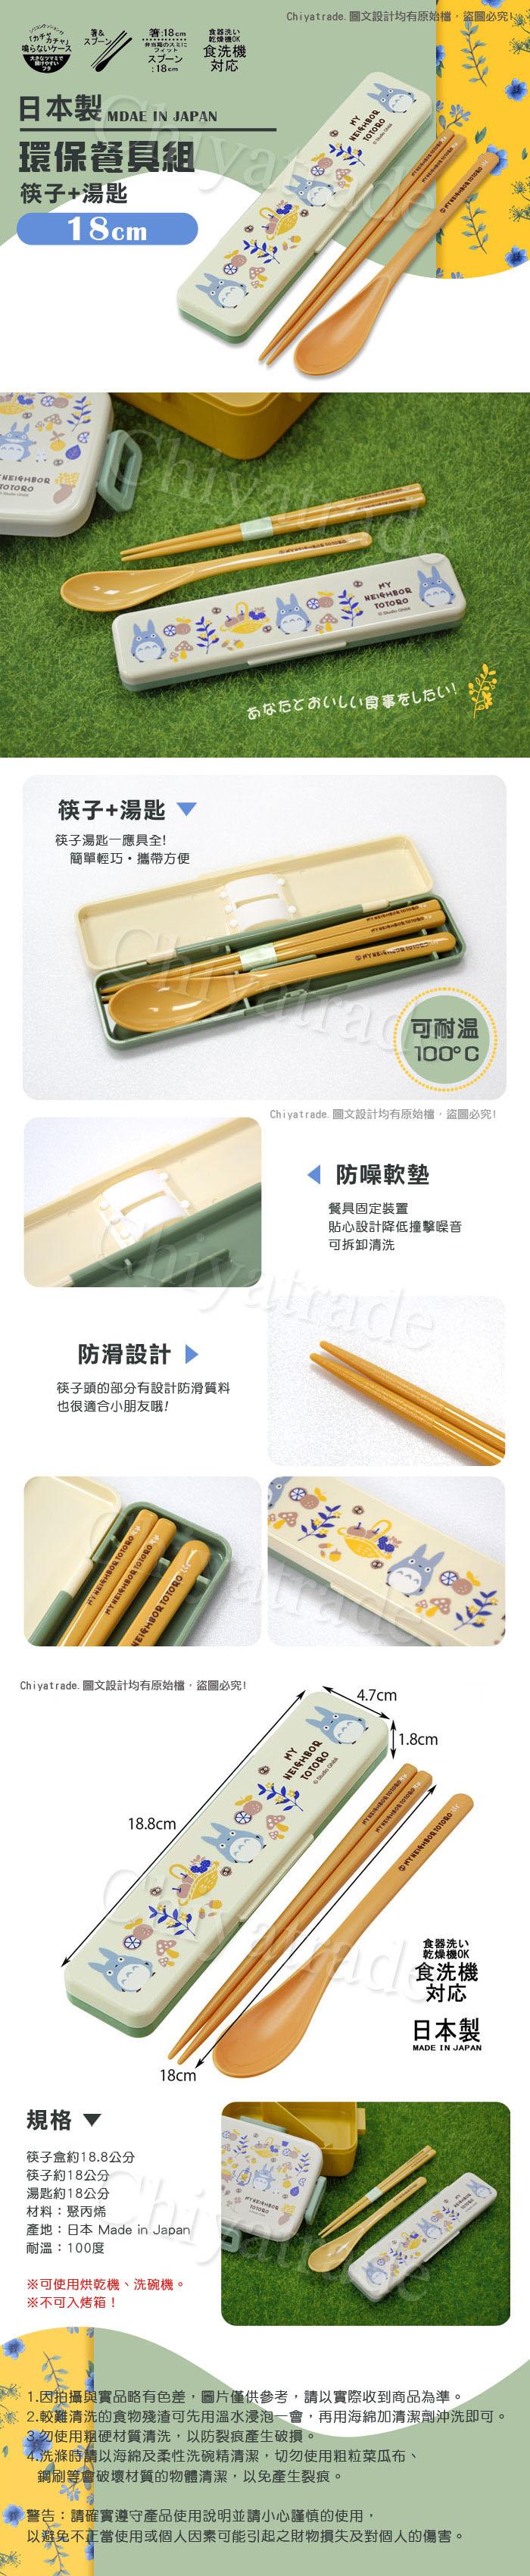 (複製)Skater|角落小夥伴 環保筷子+湯匙組 18CM-環遊世界